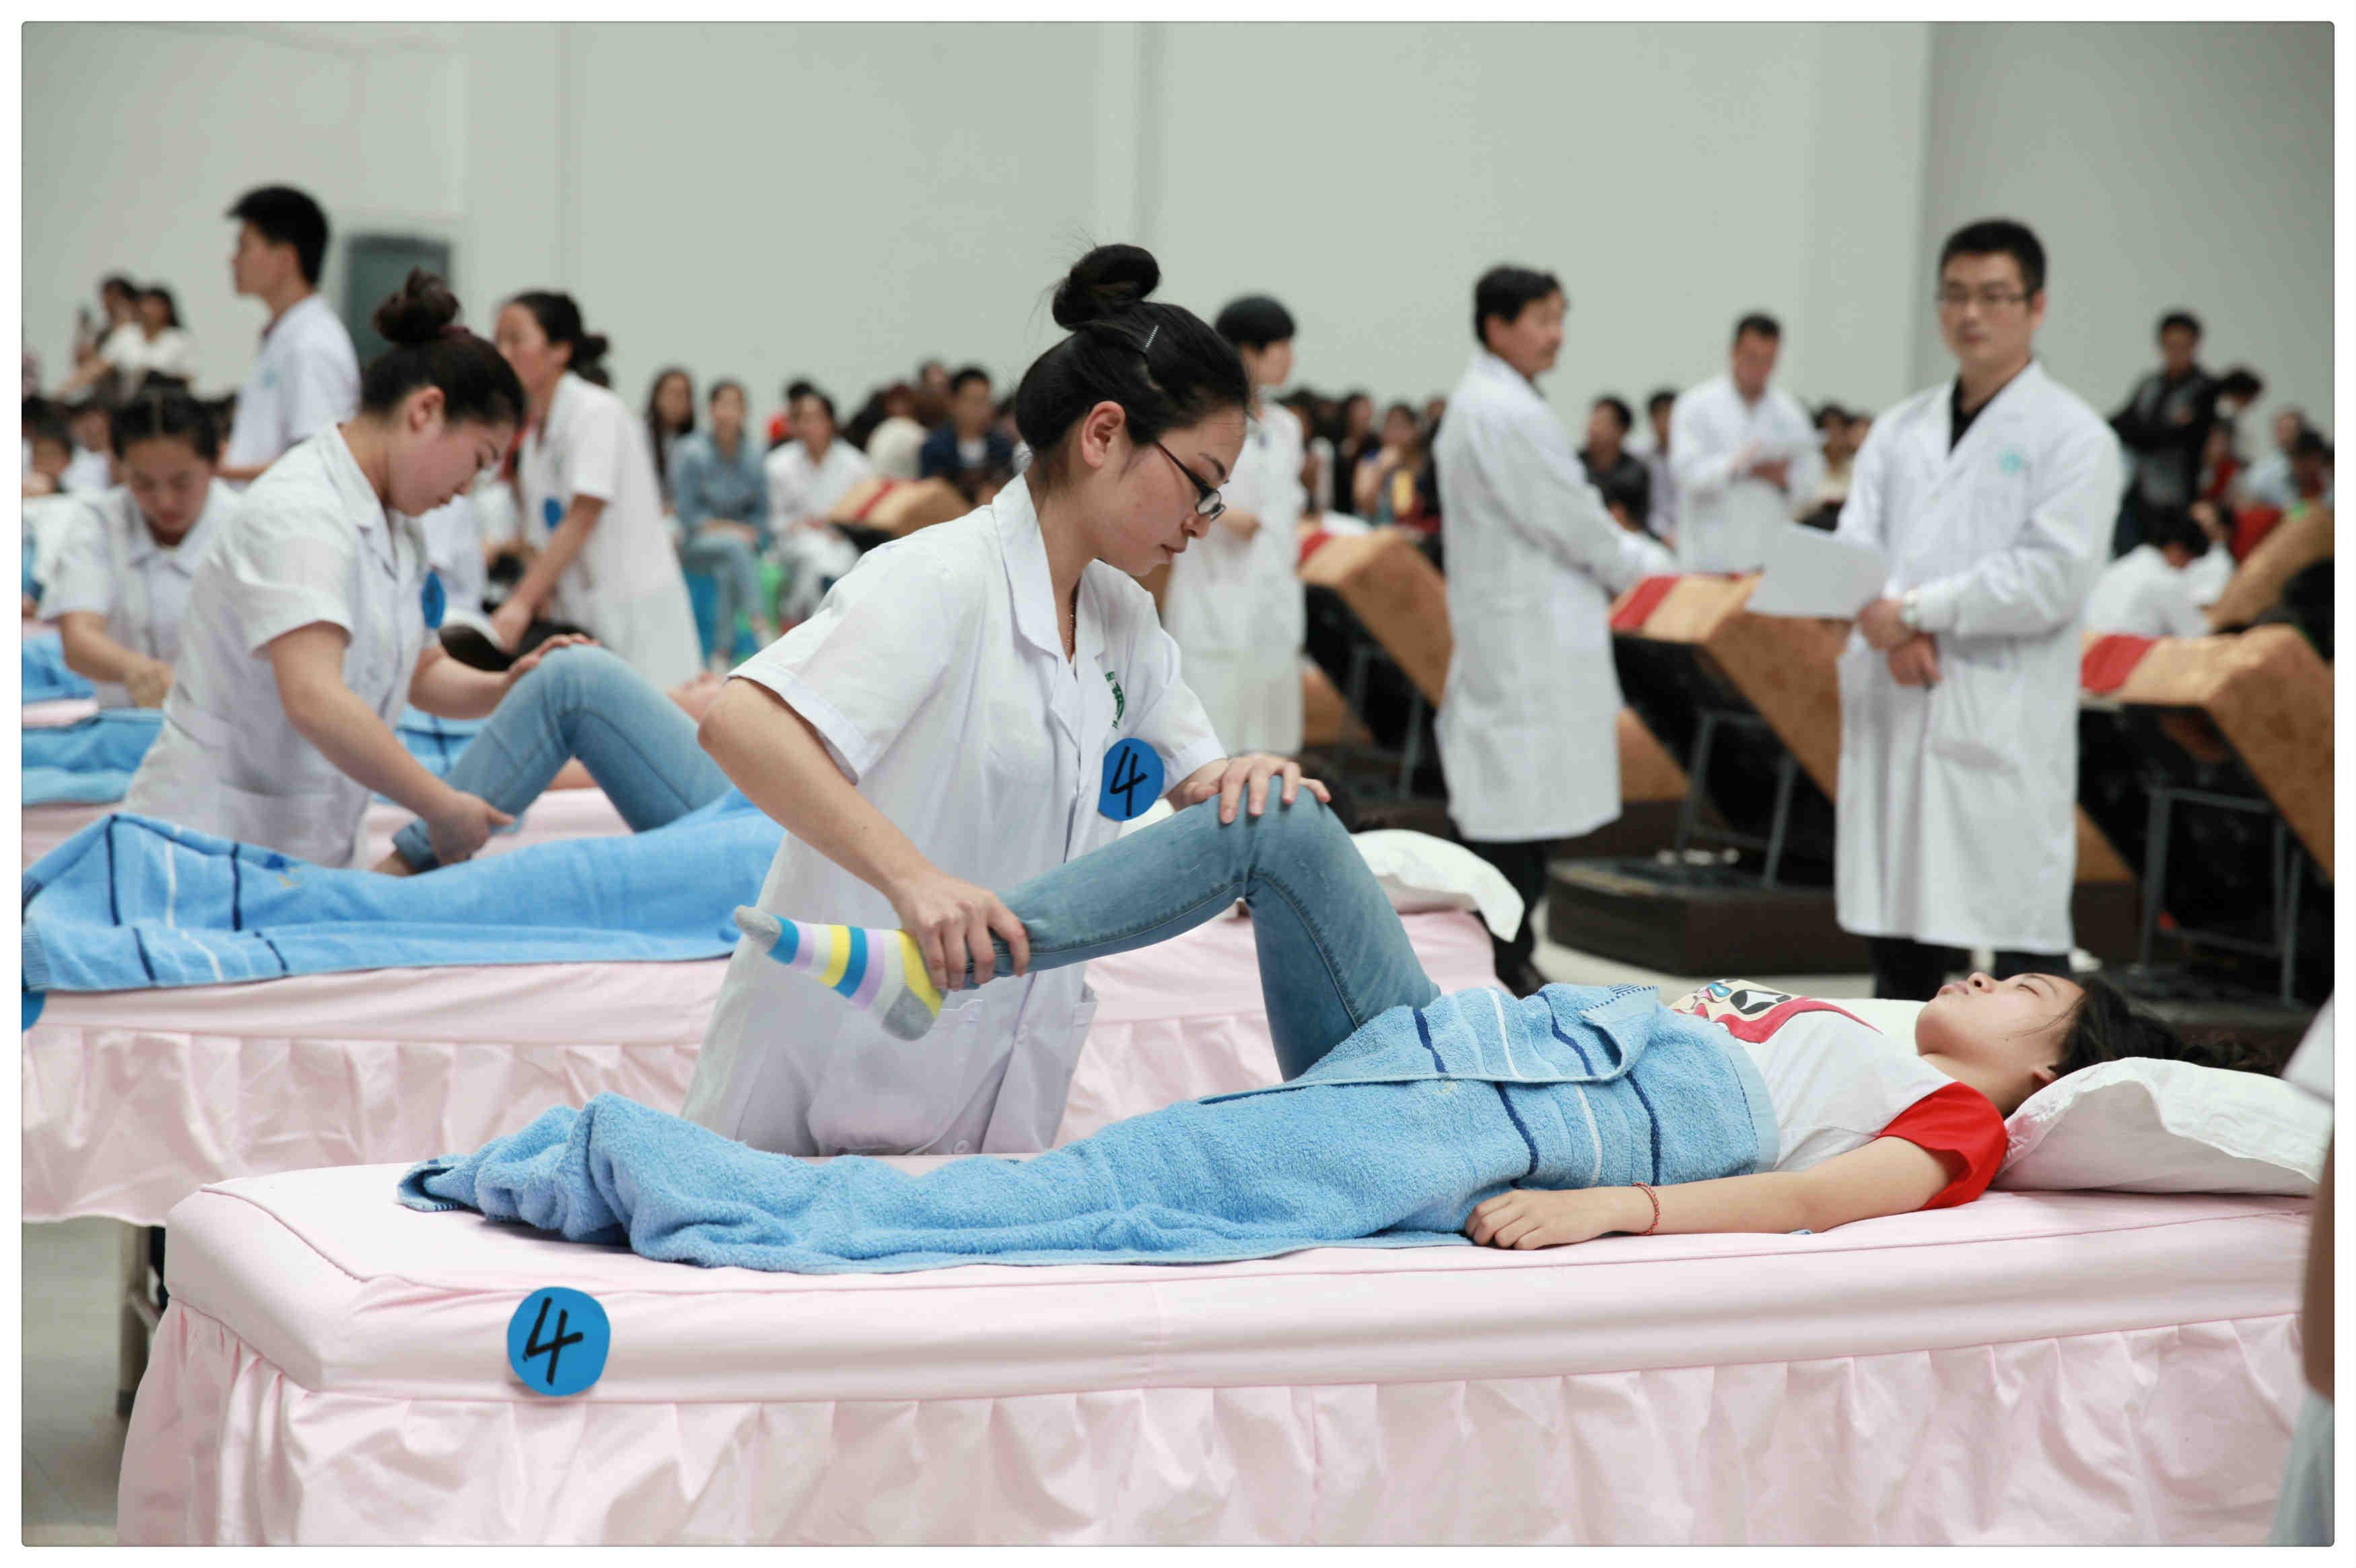 康复治疗技术专业_而患者的身心功能康复需要有大批康复治疗技术人员施行各种康复治疗.